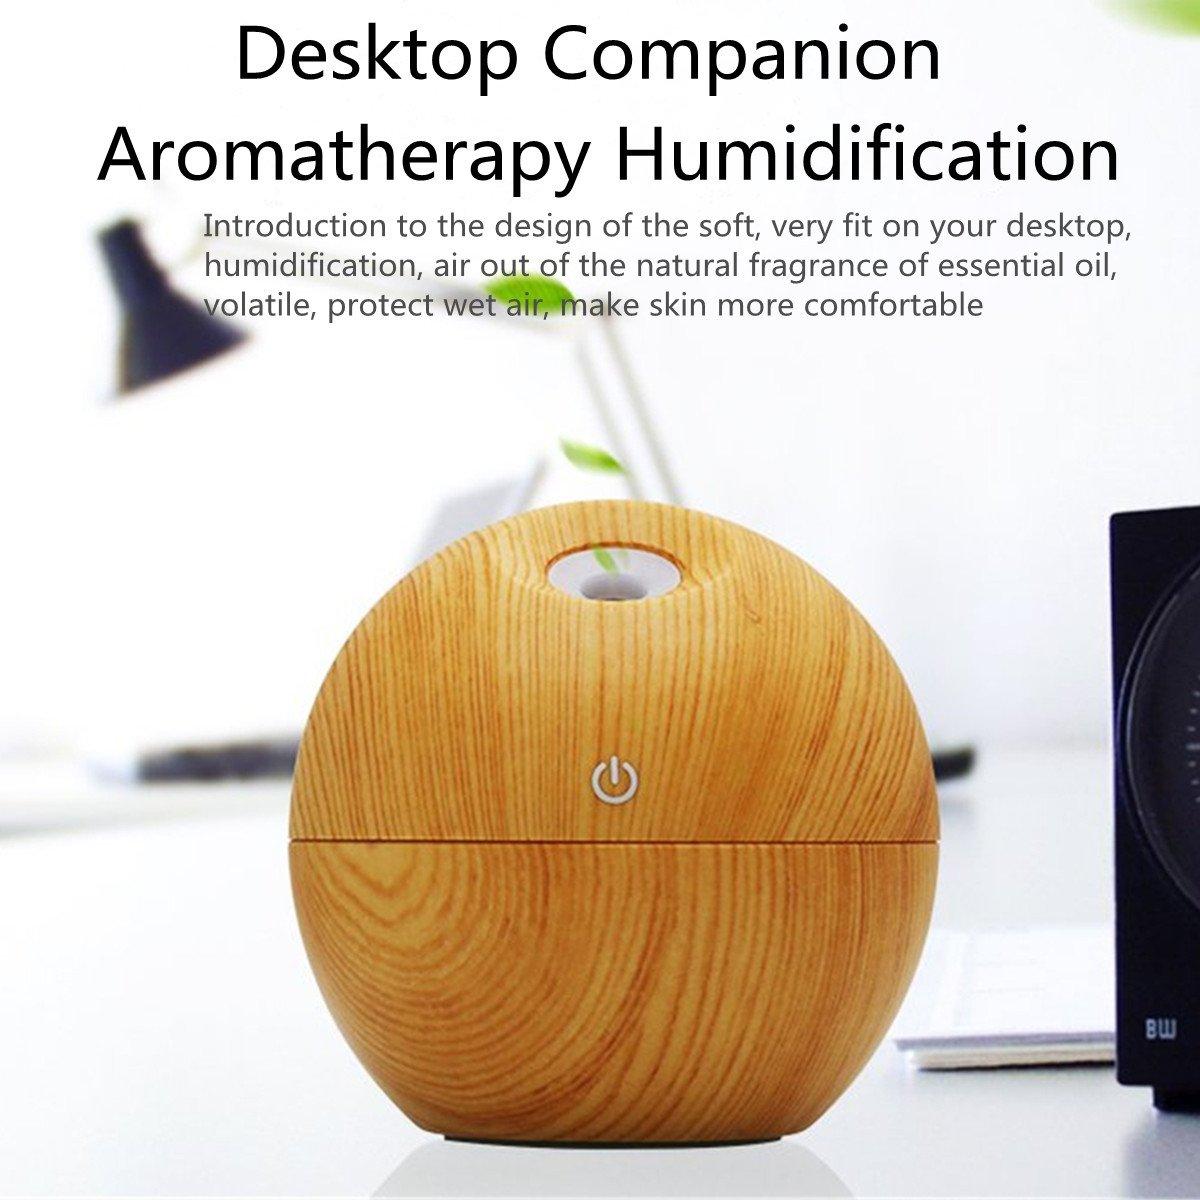 funciona por ultrasonido King Do Way Humidificador dise/ño redondo de madera difusor de aceites con funci/ón de aromaterapia con conector mini USB